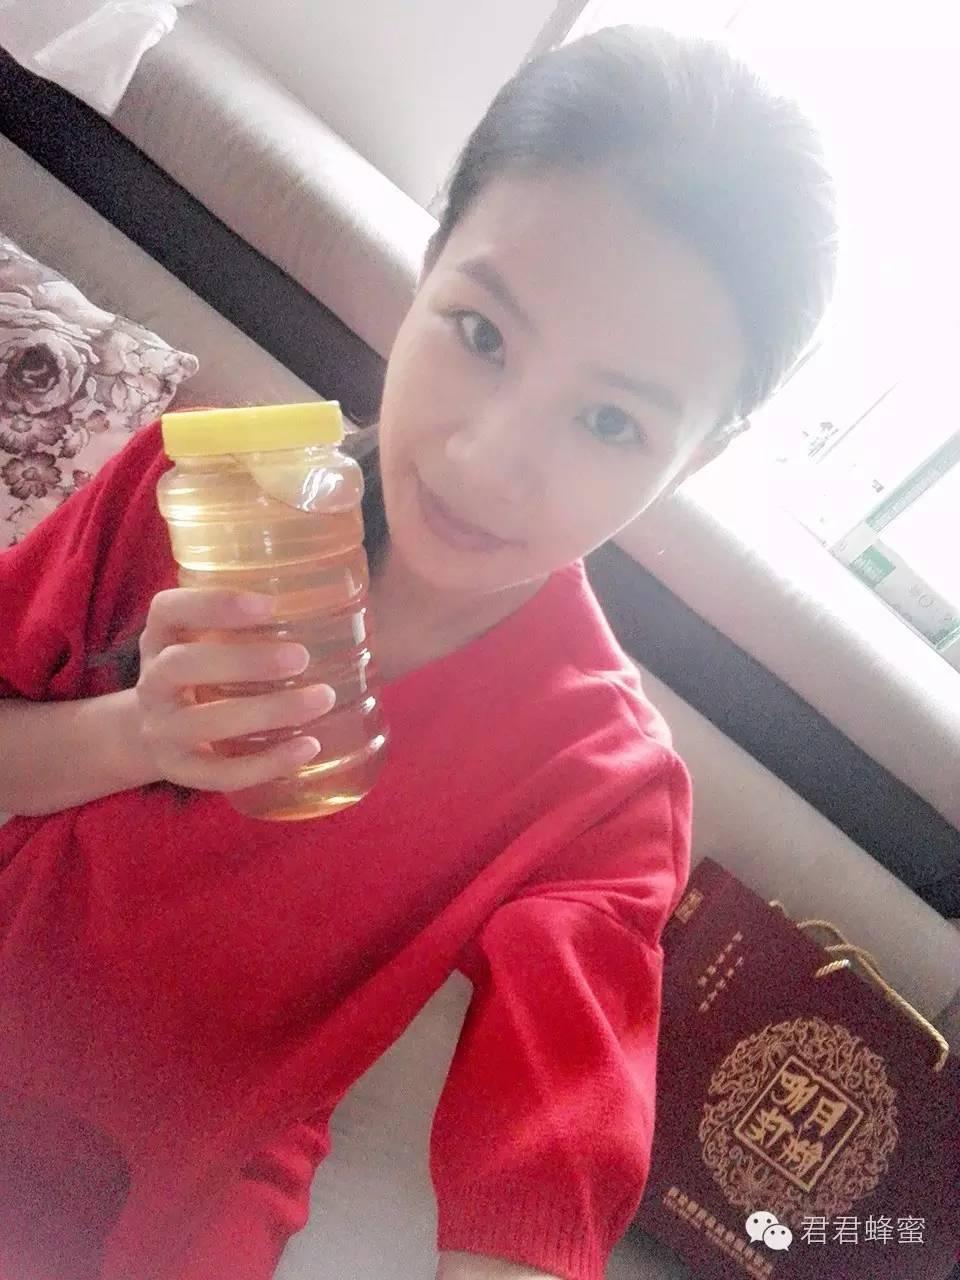 呼吸系统疾病 蜂蜜柚子水 蜂蜜瓶子 蜂蜜醋 感官指标